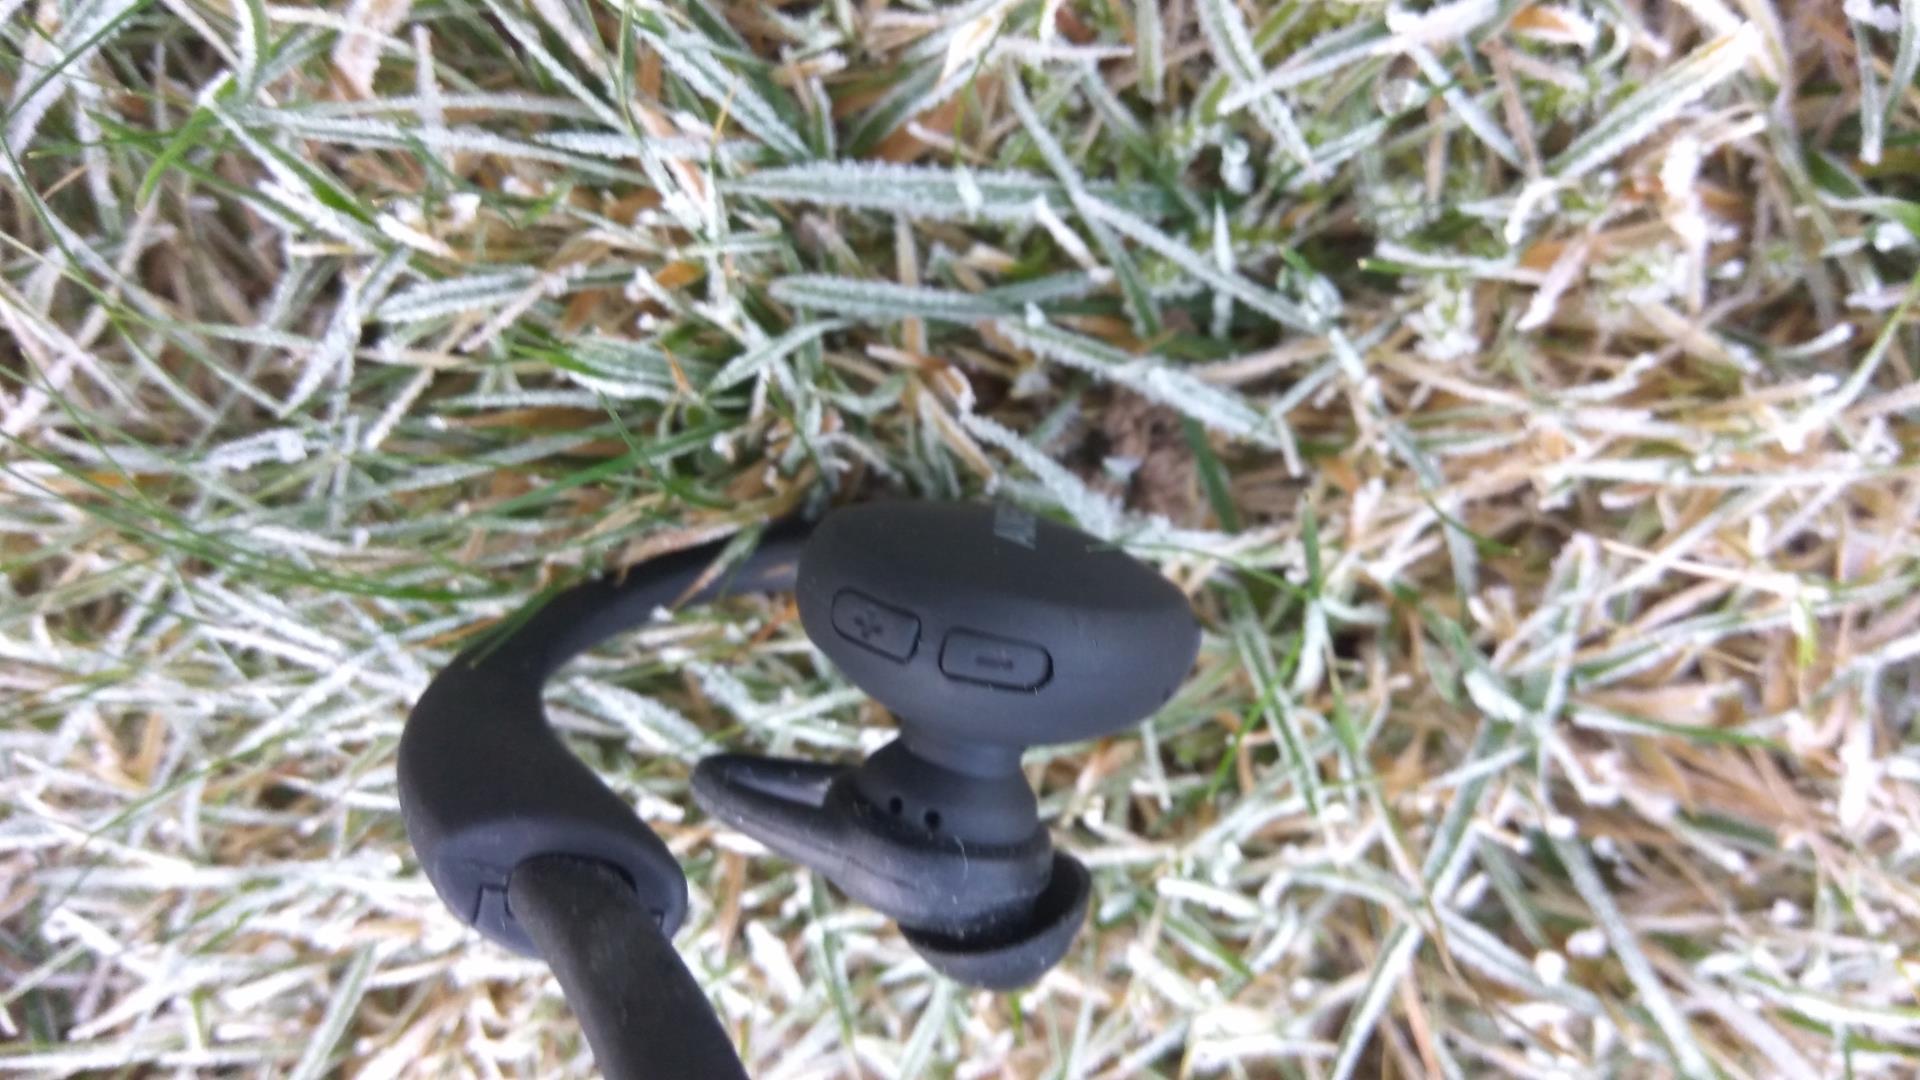 Sport ist Mord? Die Aukey EP-B23 Bluetooth Kopfhörer mit Schrittzähler